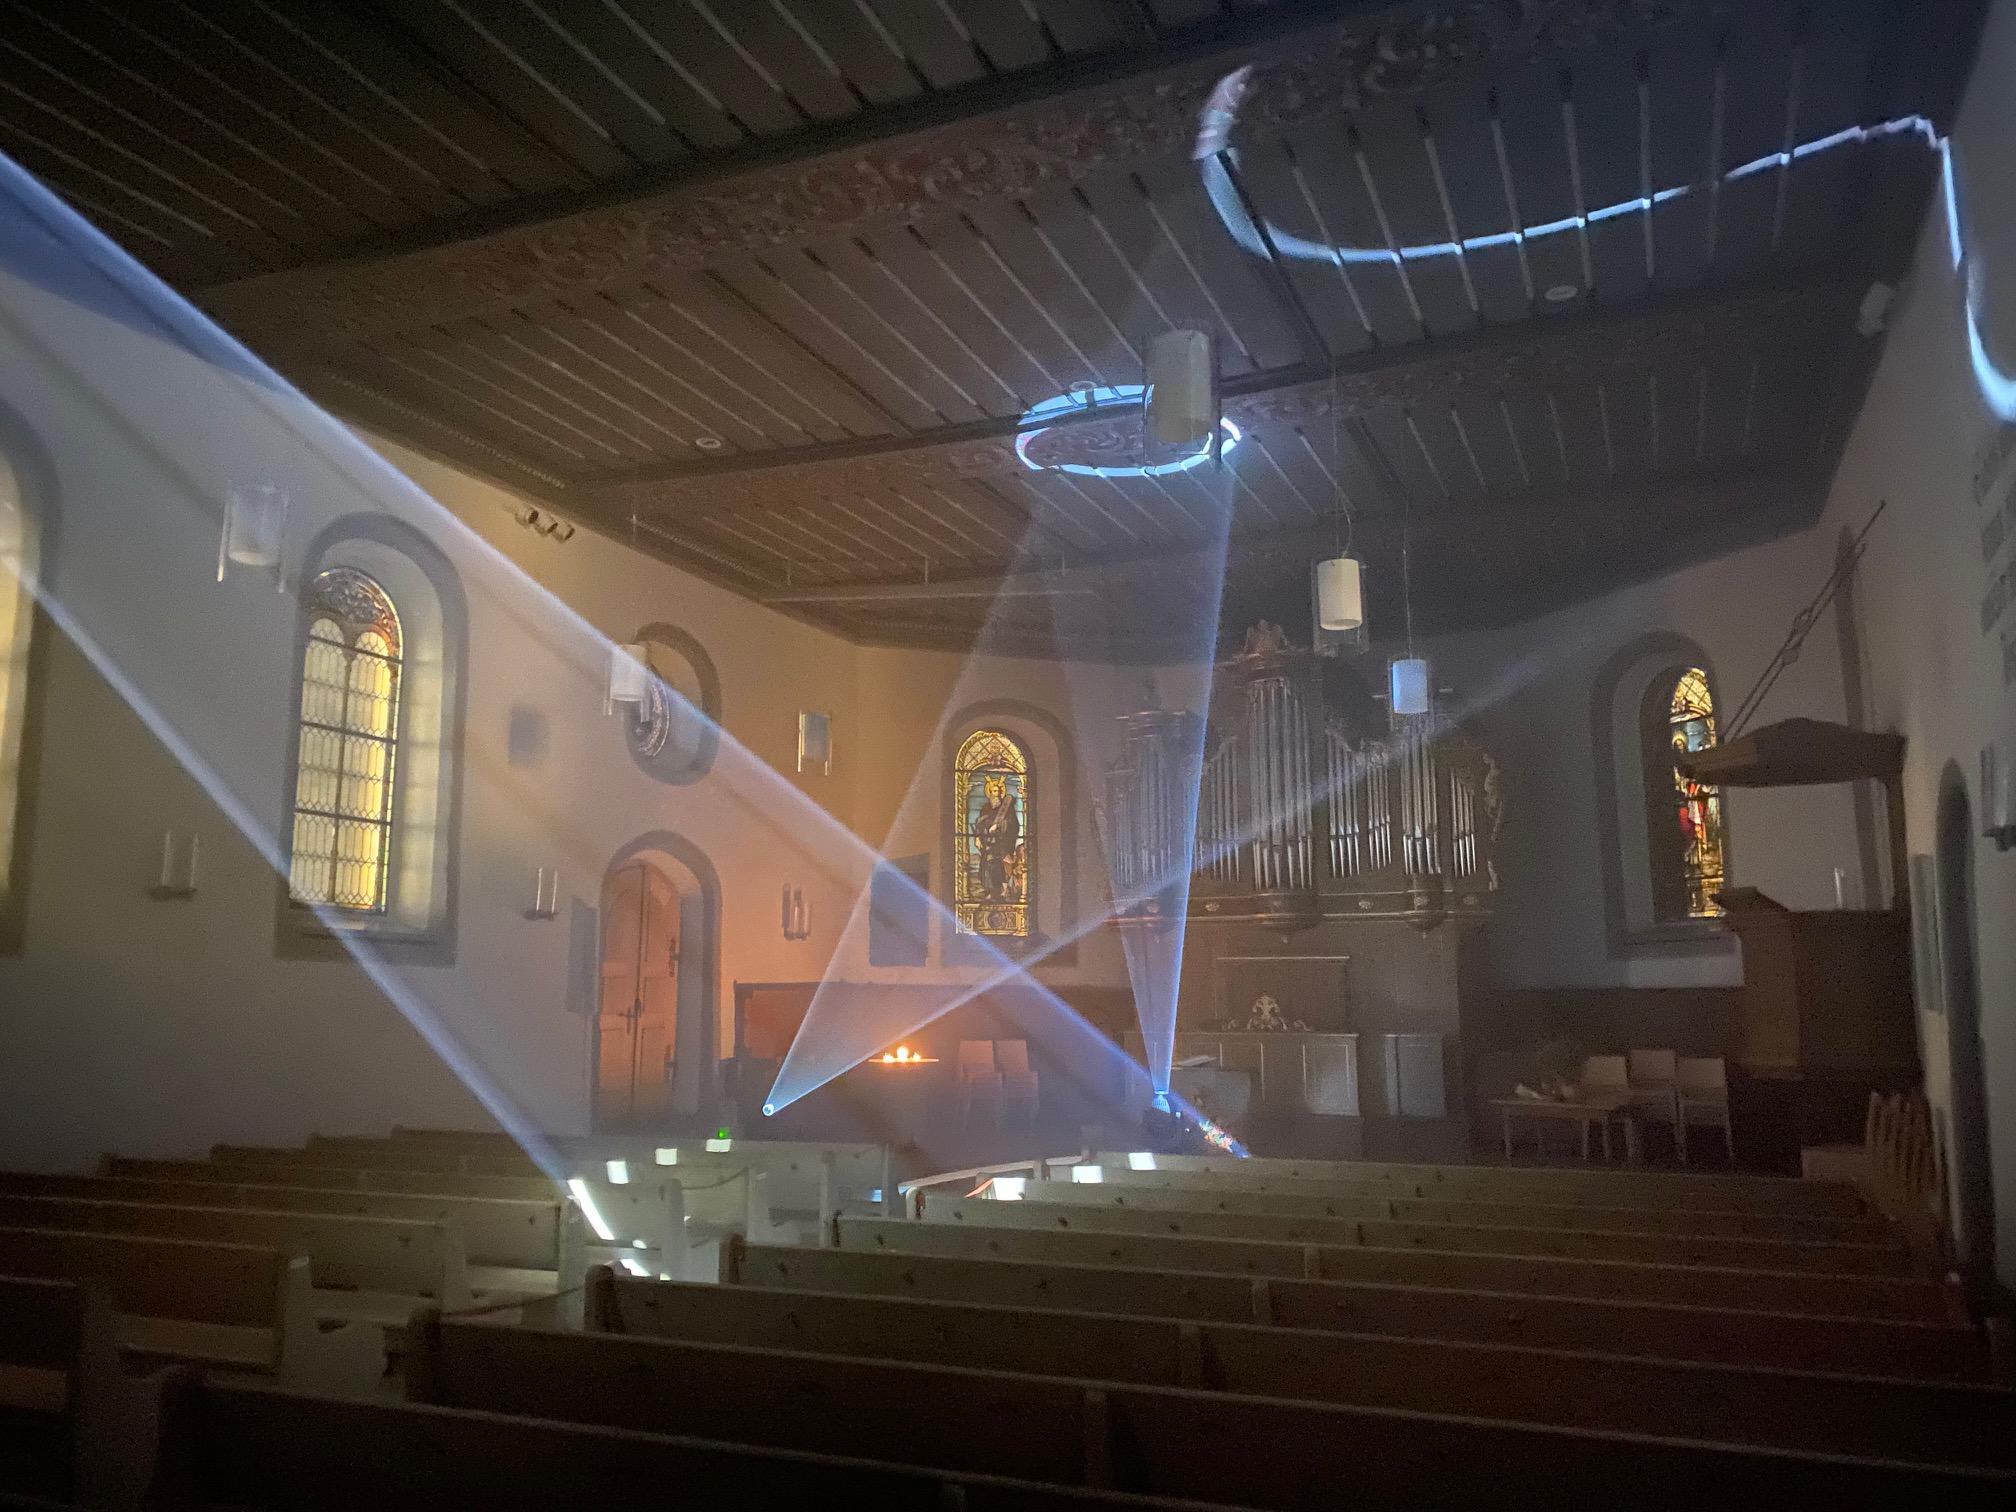 Light Art Festival Chalet Anemone Grindelwald